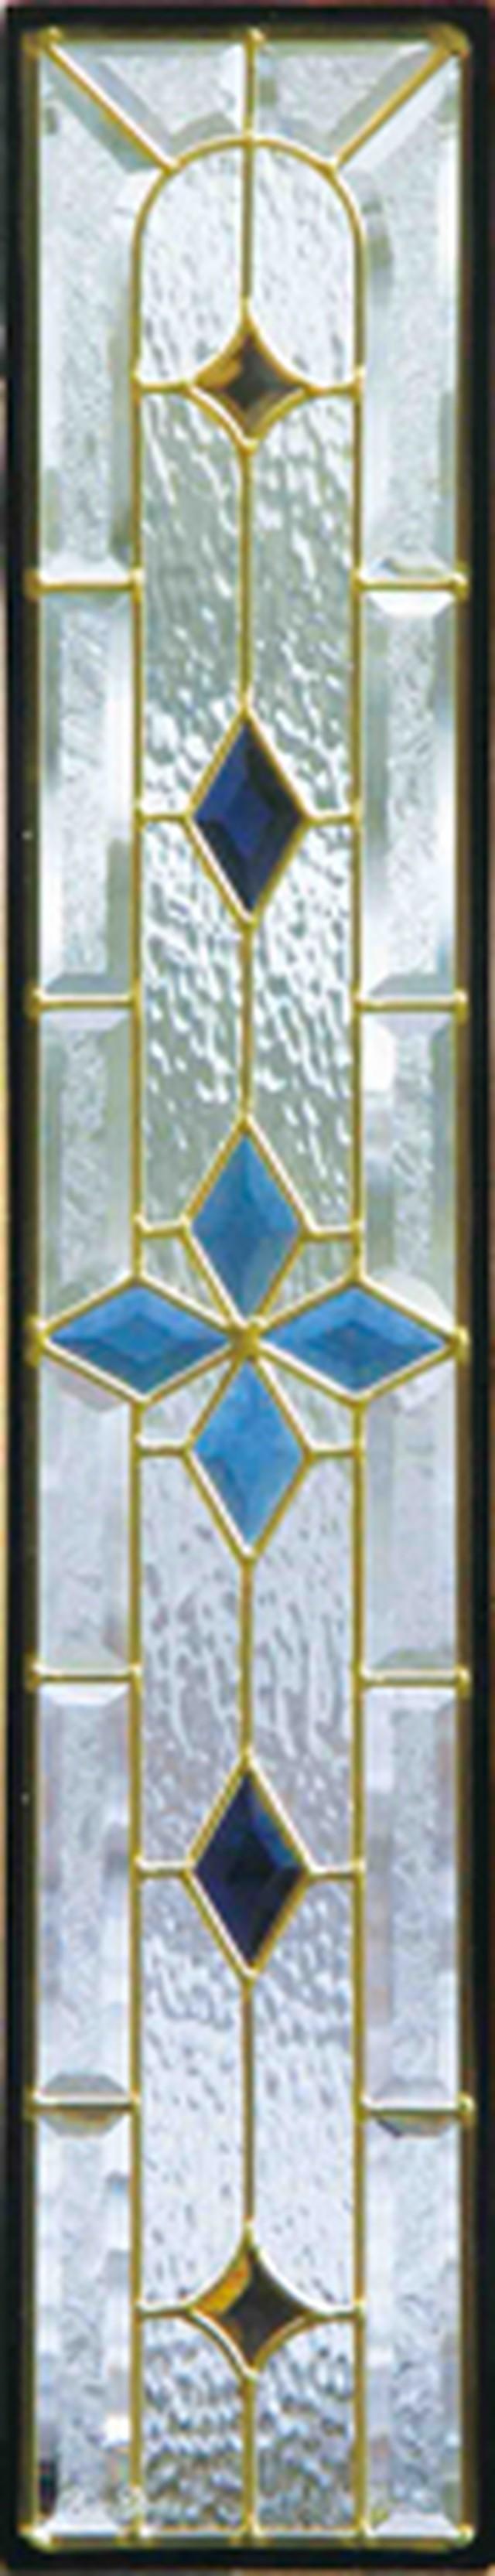 本物のステンドグラス ピュアグラス ステンドグラス (株)セブンホーム SH-G02